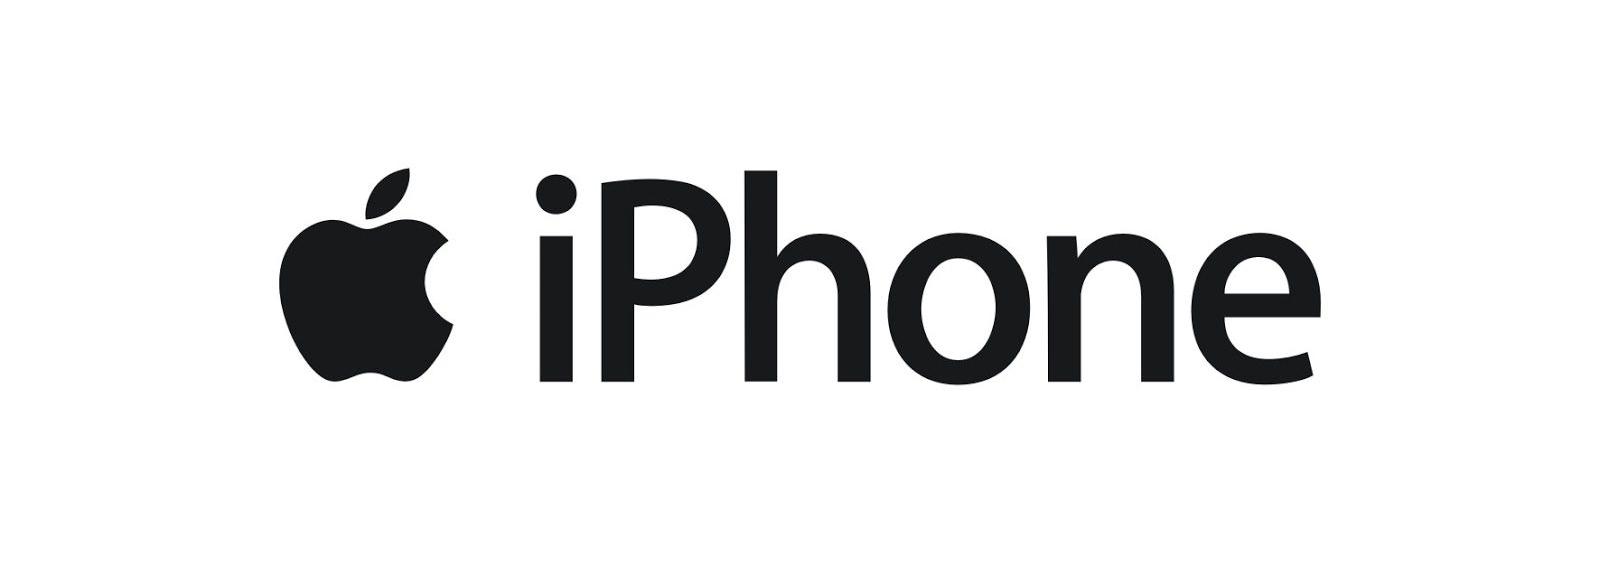 myriad font apple